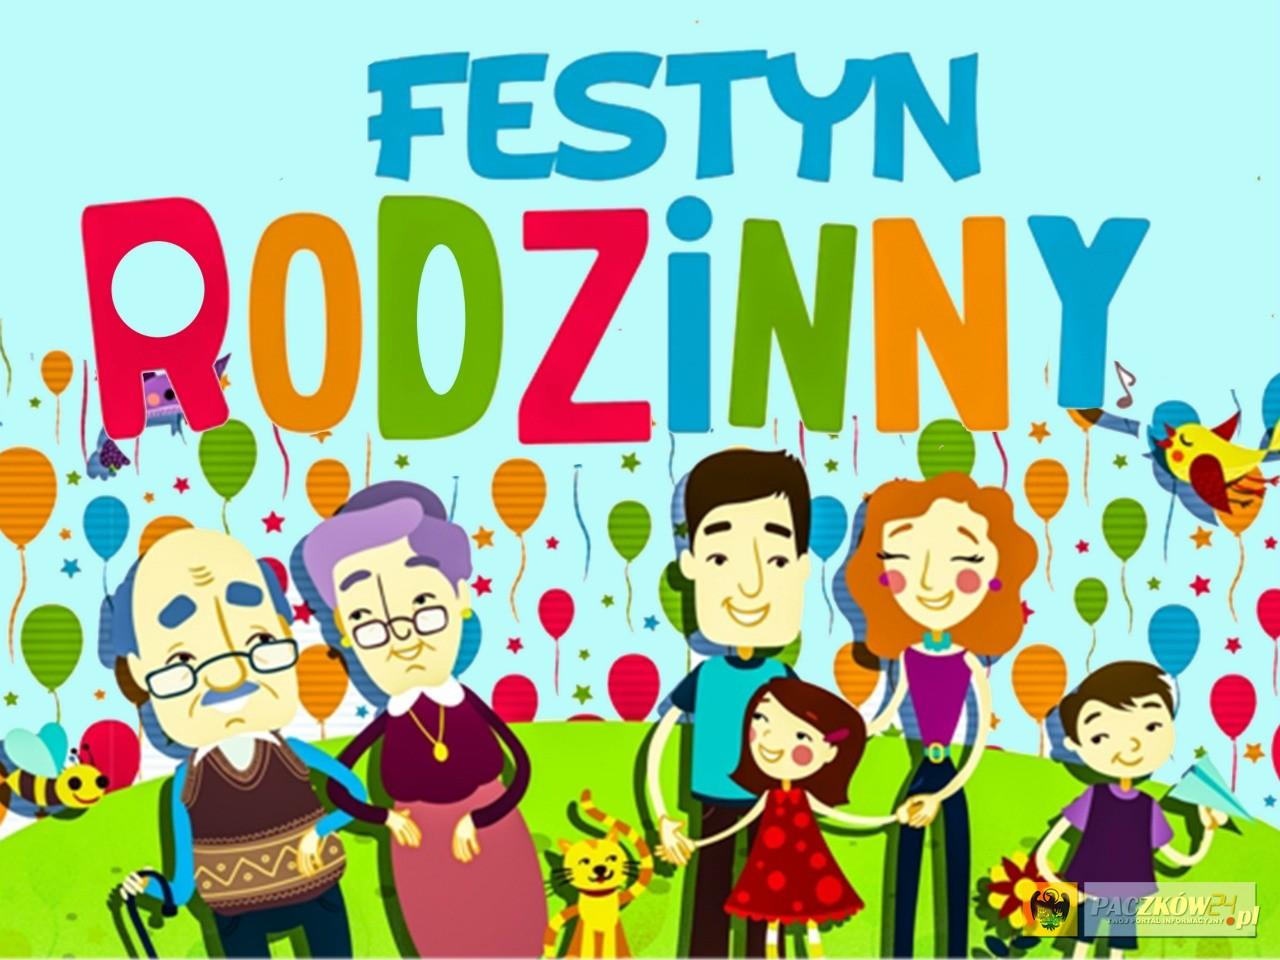 festyn_rodzinny_2017